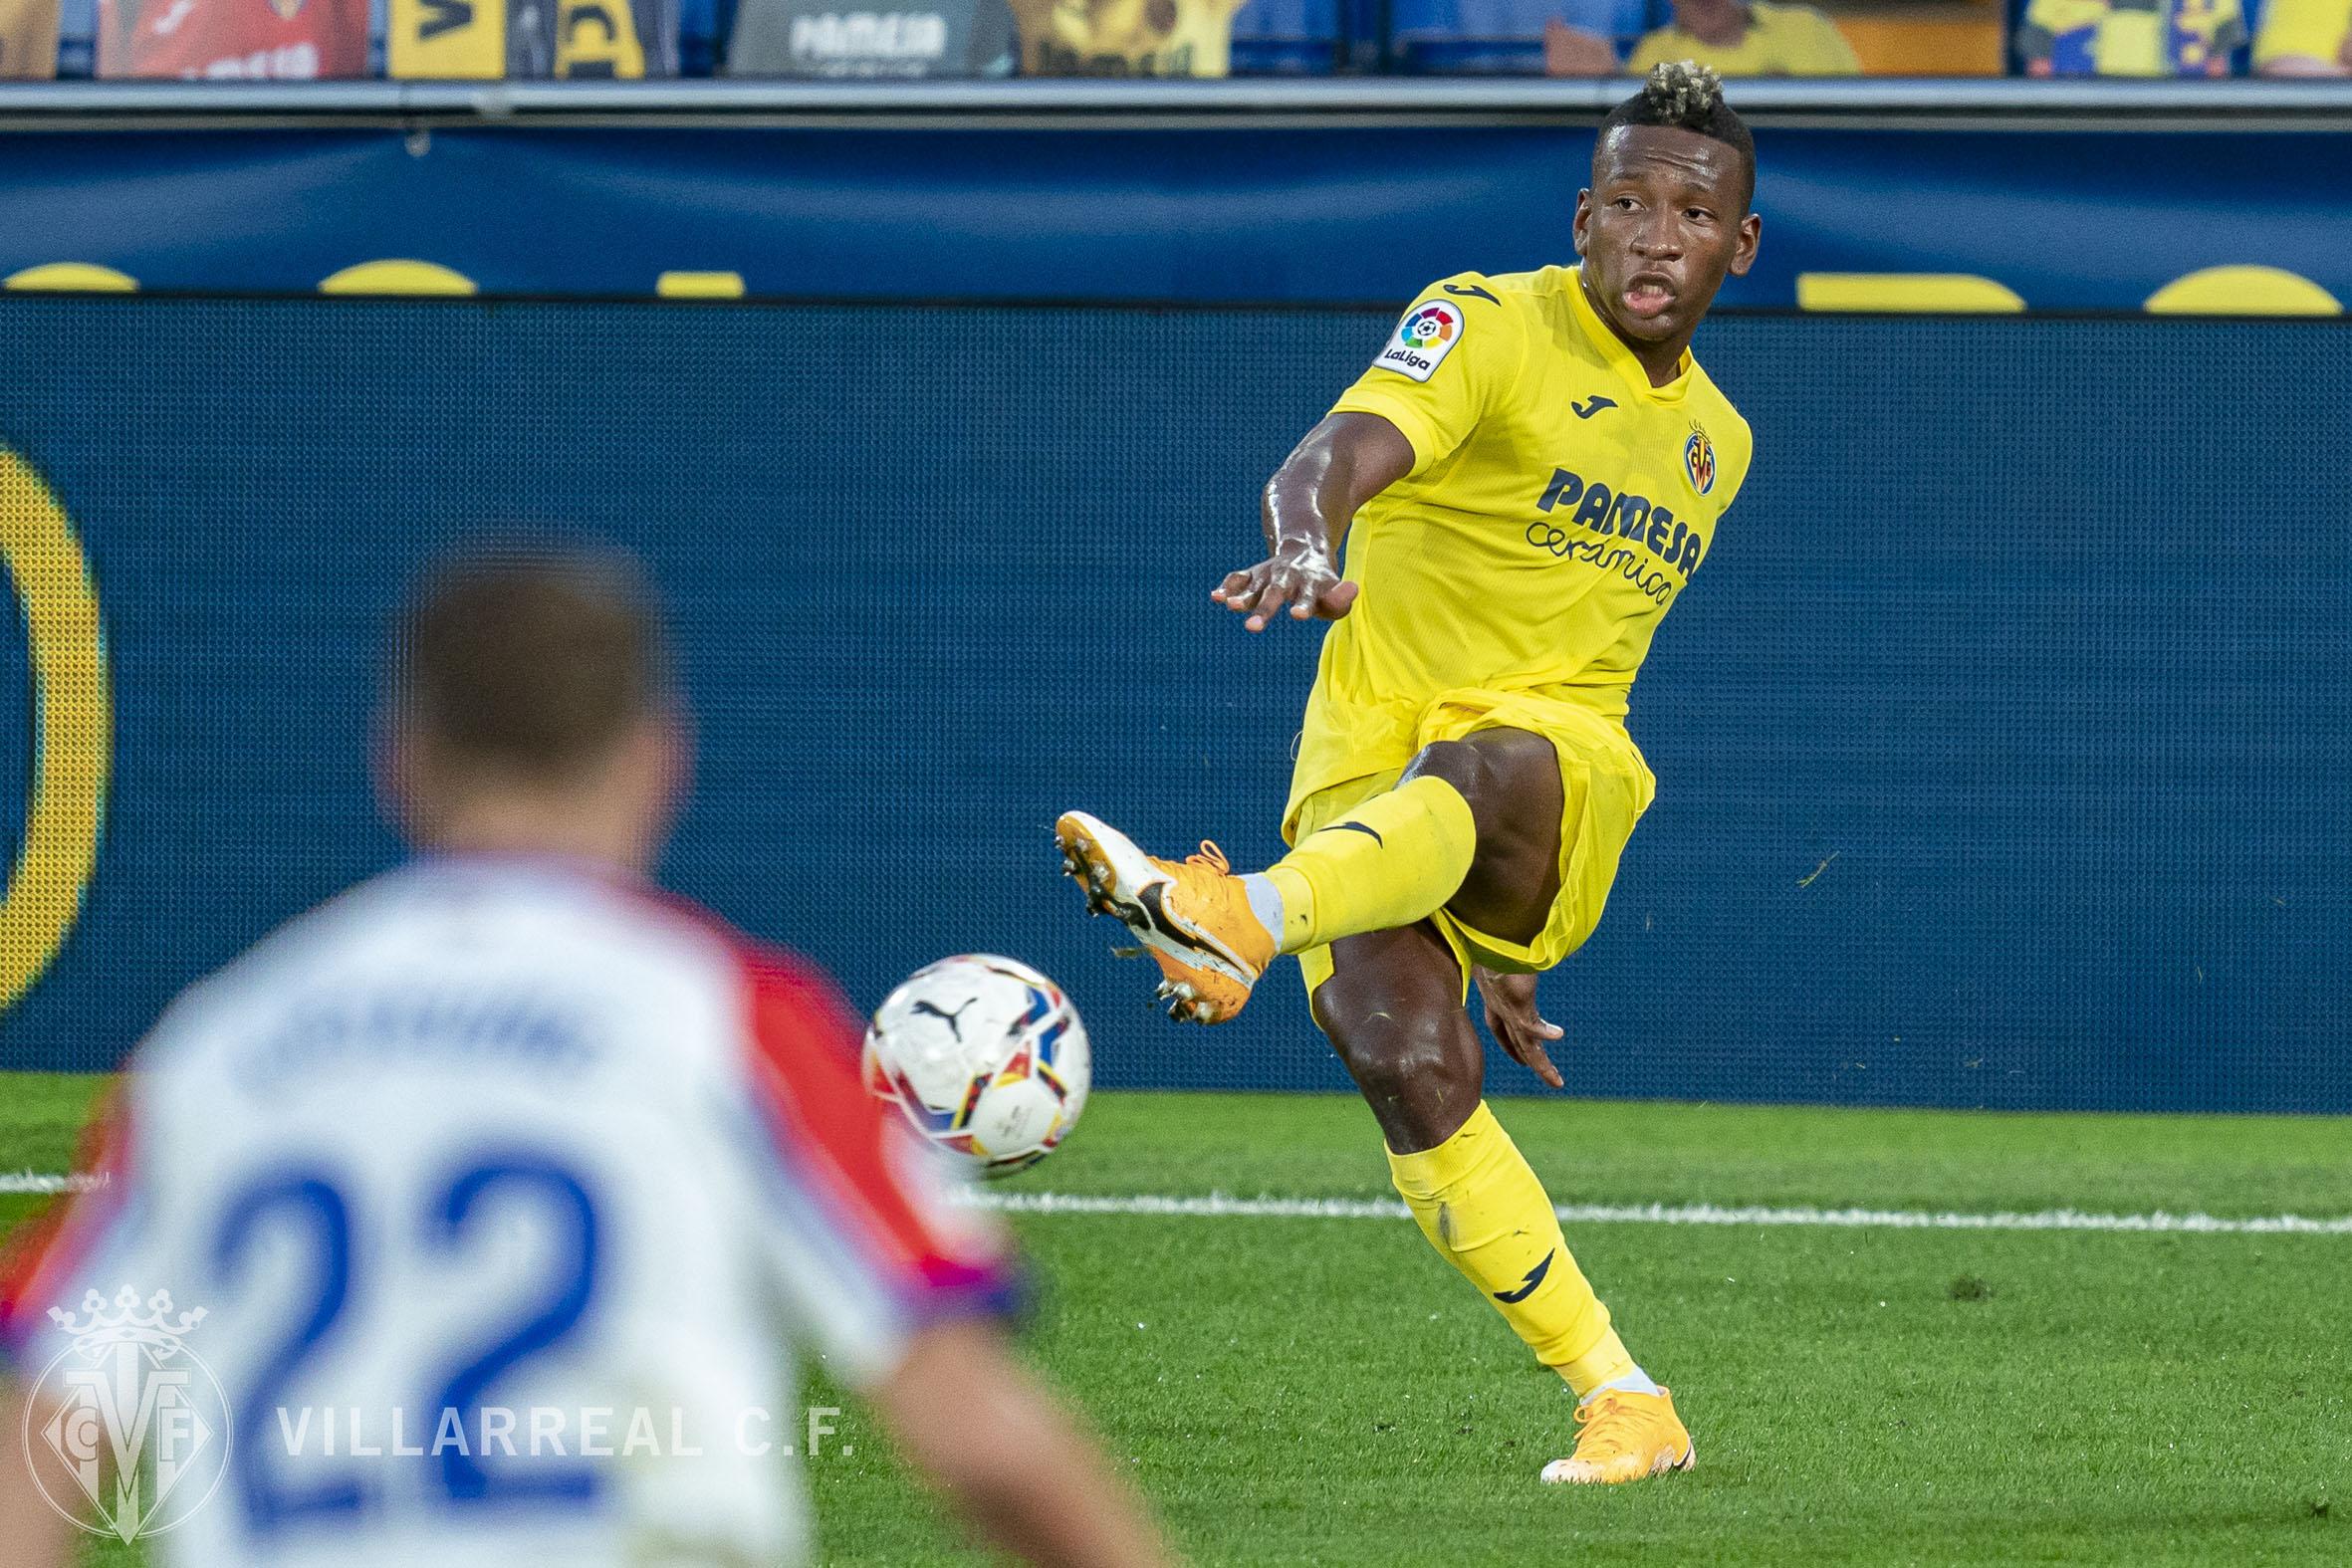 Villarreal dio a conocer el parte médico del lateral, quien no completó el duelo entre Ecuador y Uruguay por un problema muscular